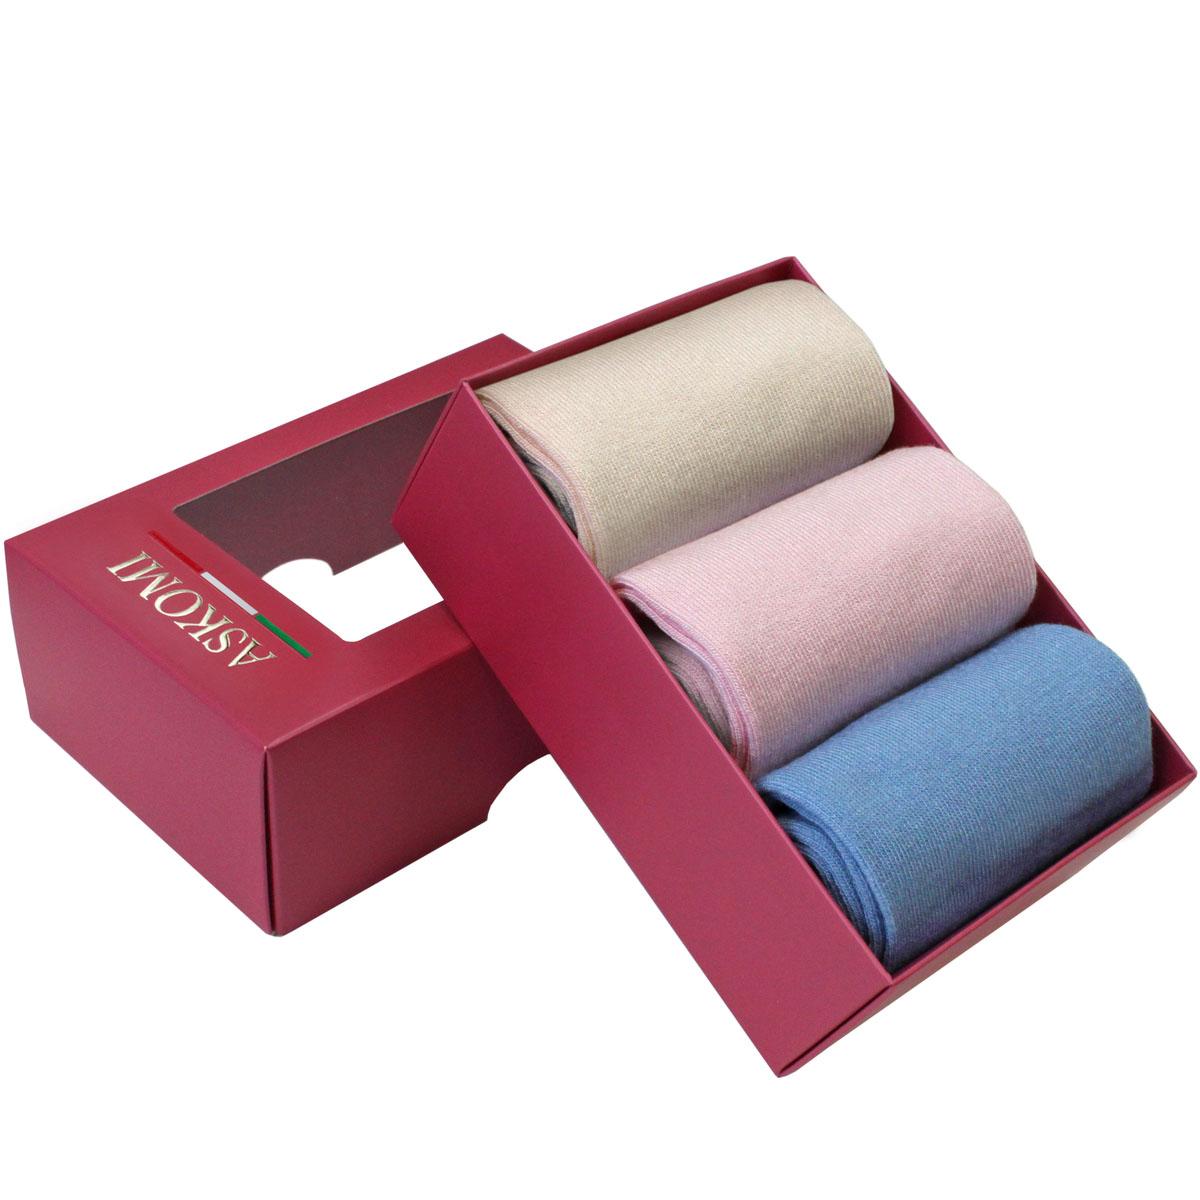 НоскиAGN-8100Стильный подарочный набор Askomi Classic включает 3 пары носков классических цветов. Носки выполнены из бамбука с добавлением полиамида и лайкры.